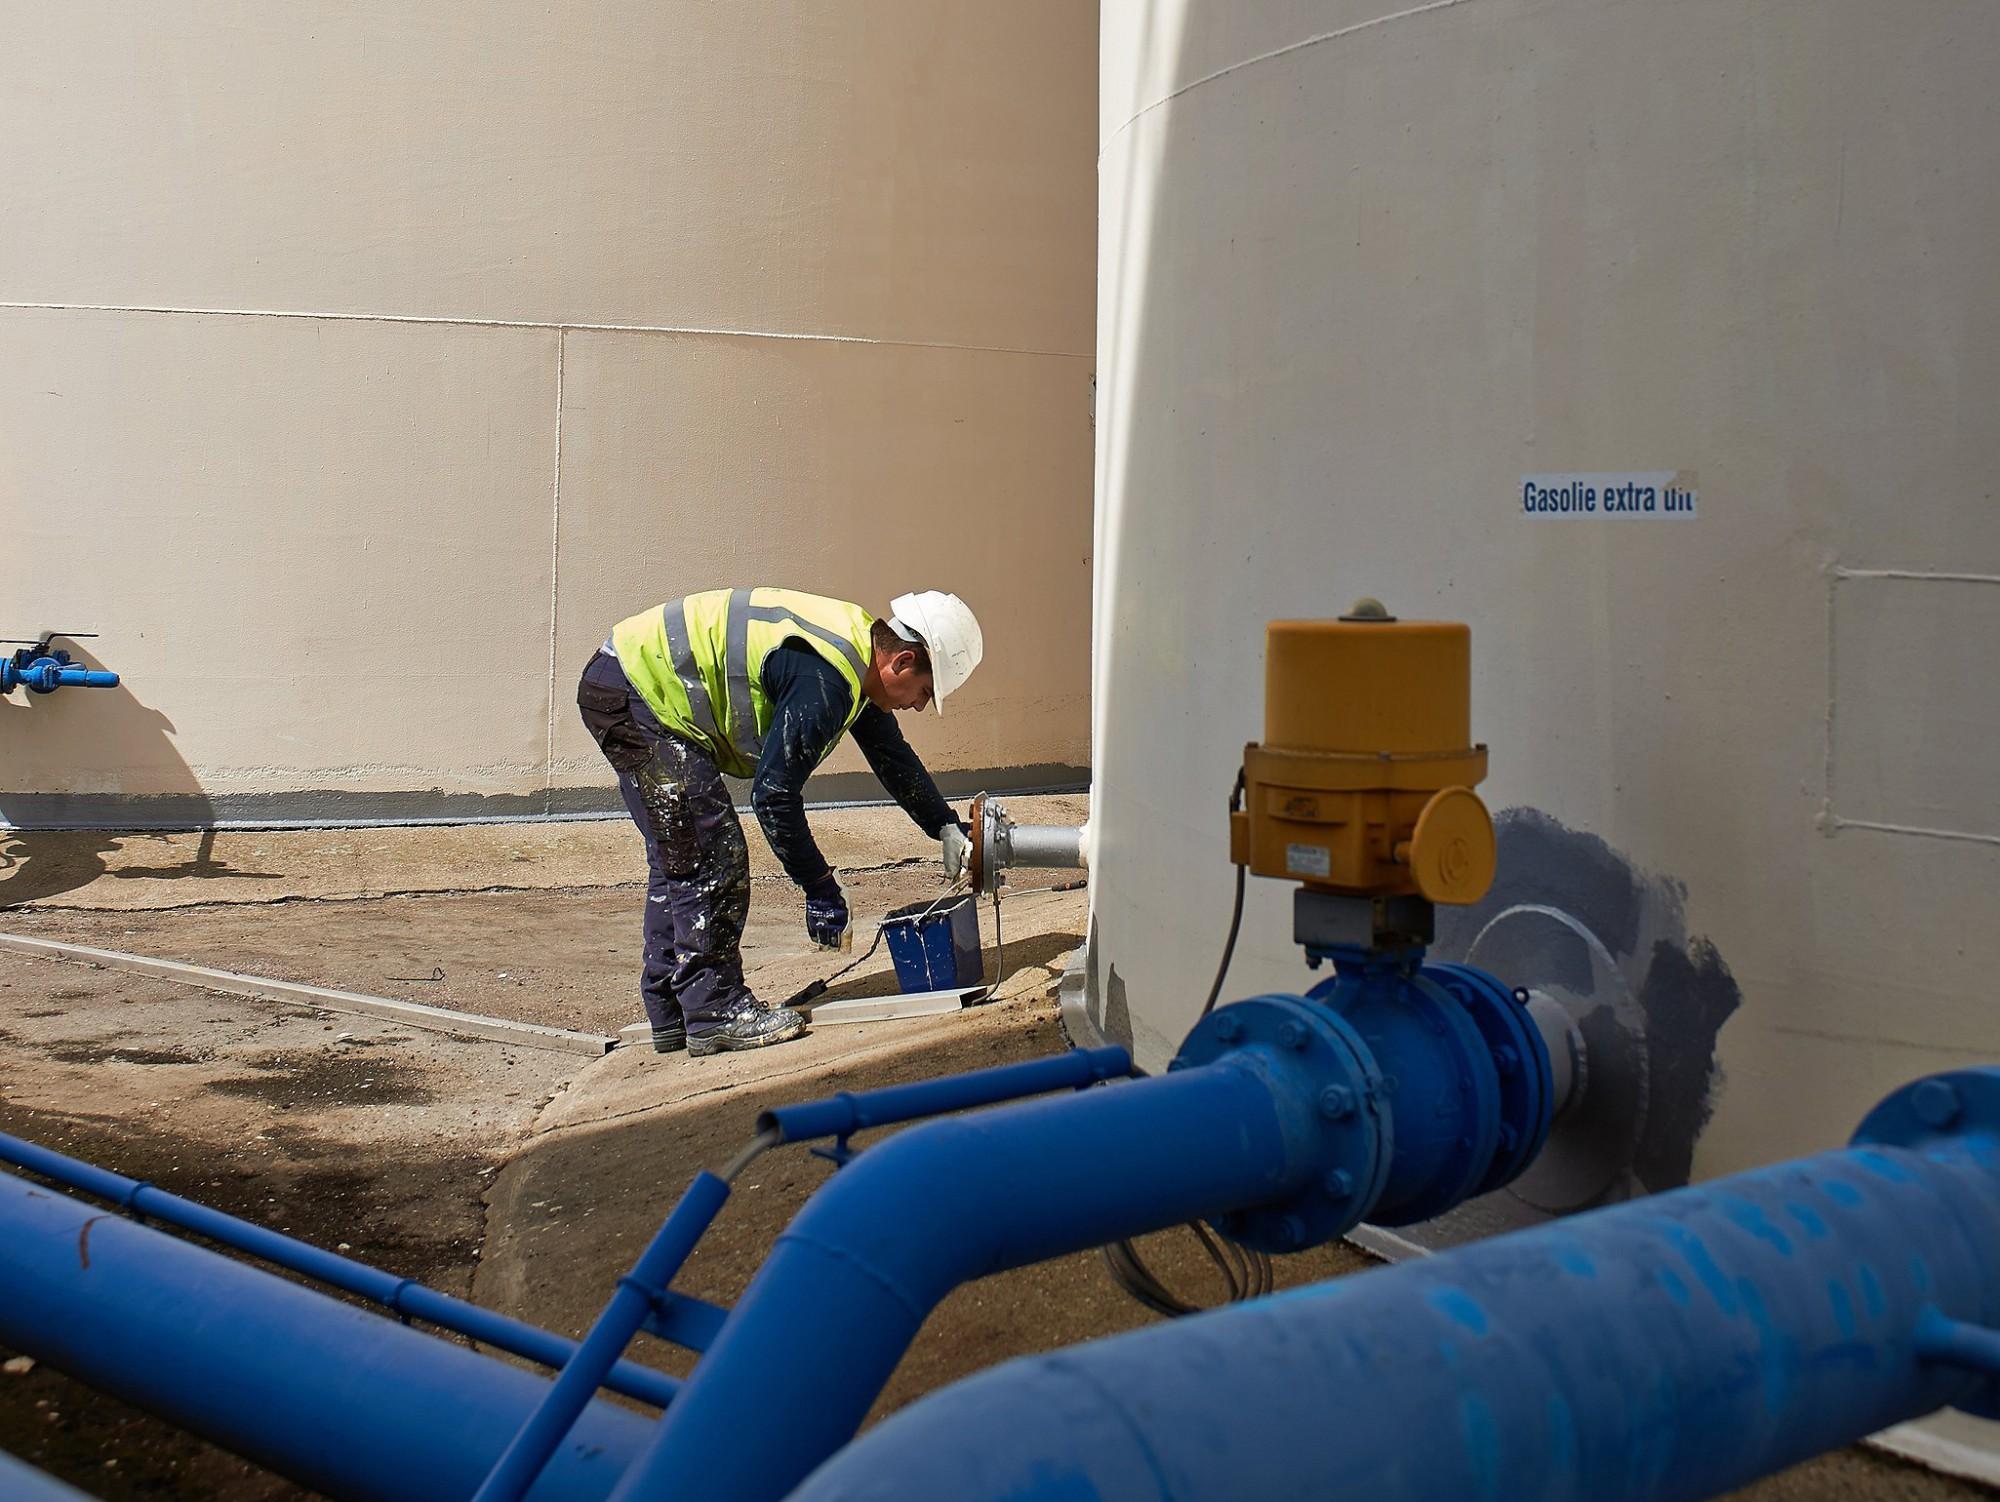 Afbeelding: Industriële fotografie voor Seurickx, herschilderen van petroleum opslagtanks.